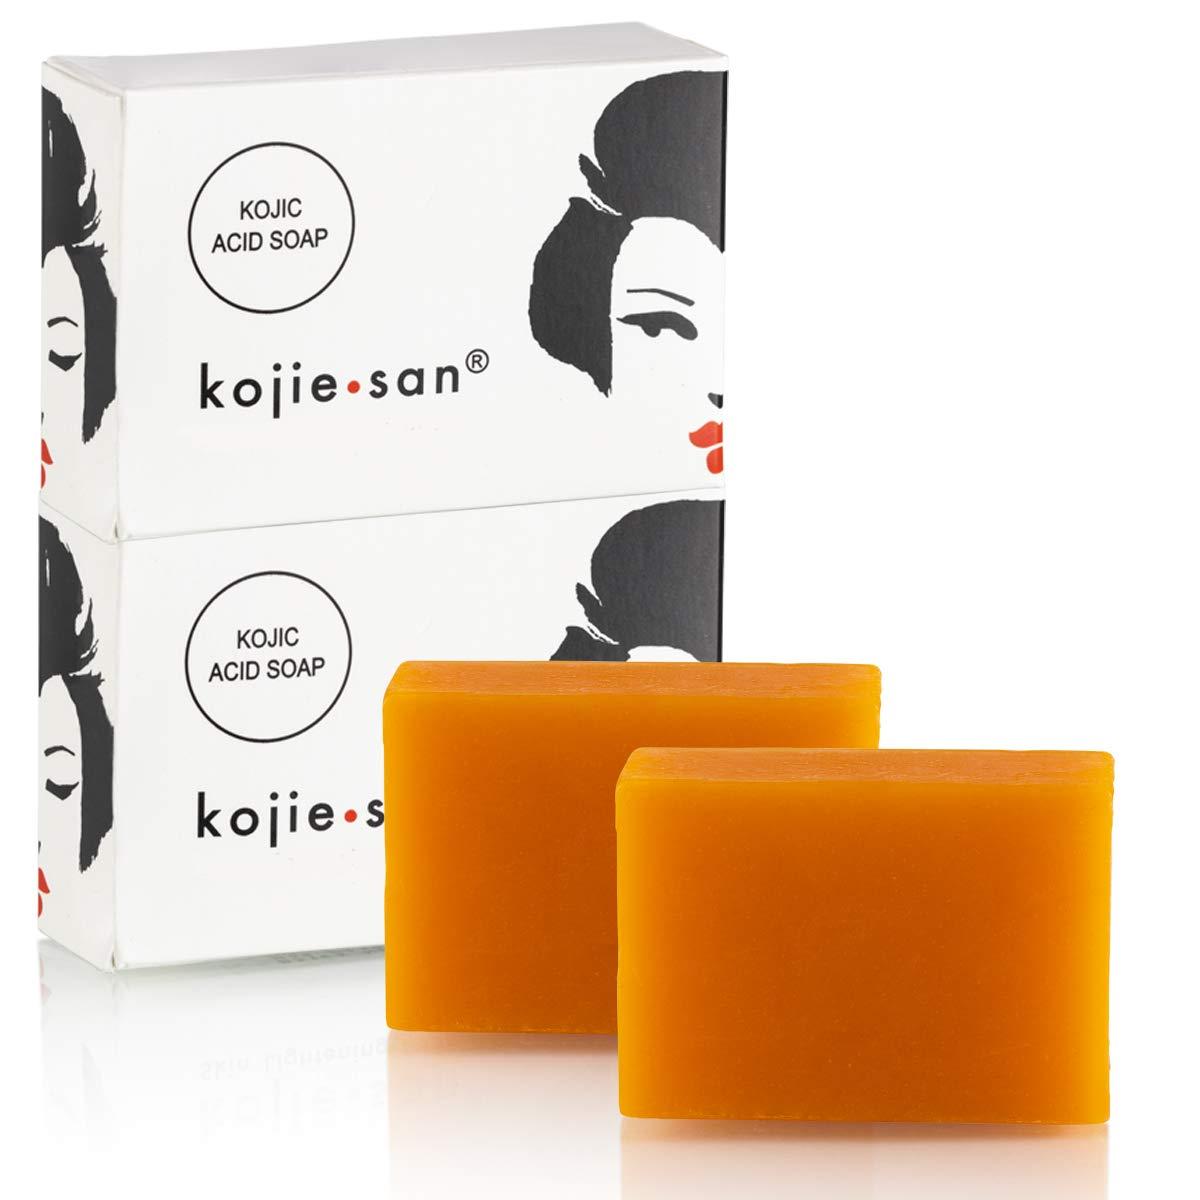 Whitening soap by kojie san skin lightening kojic acid soap (2 bar 135g)